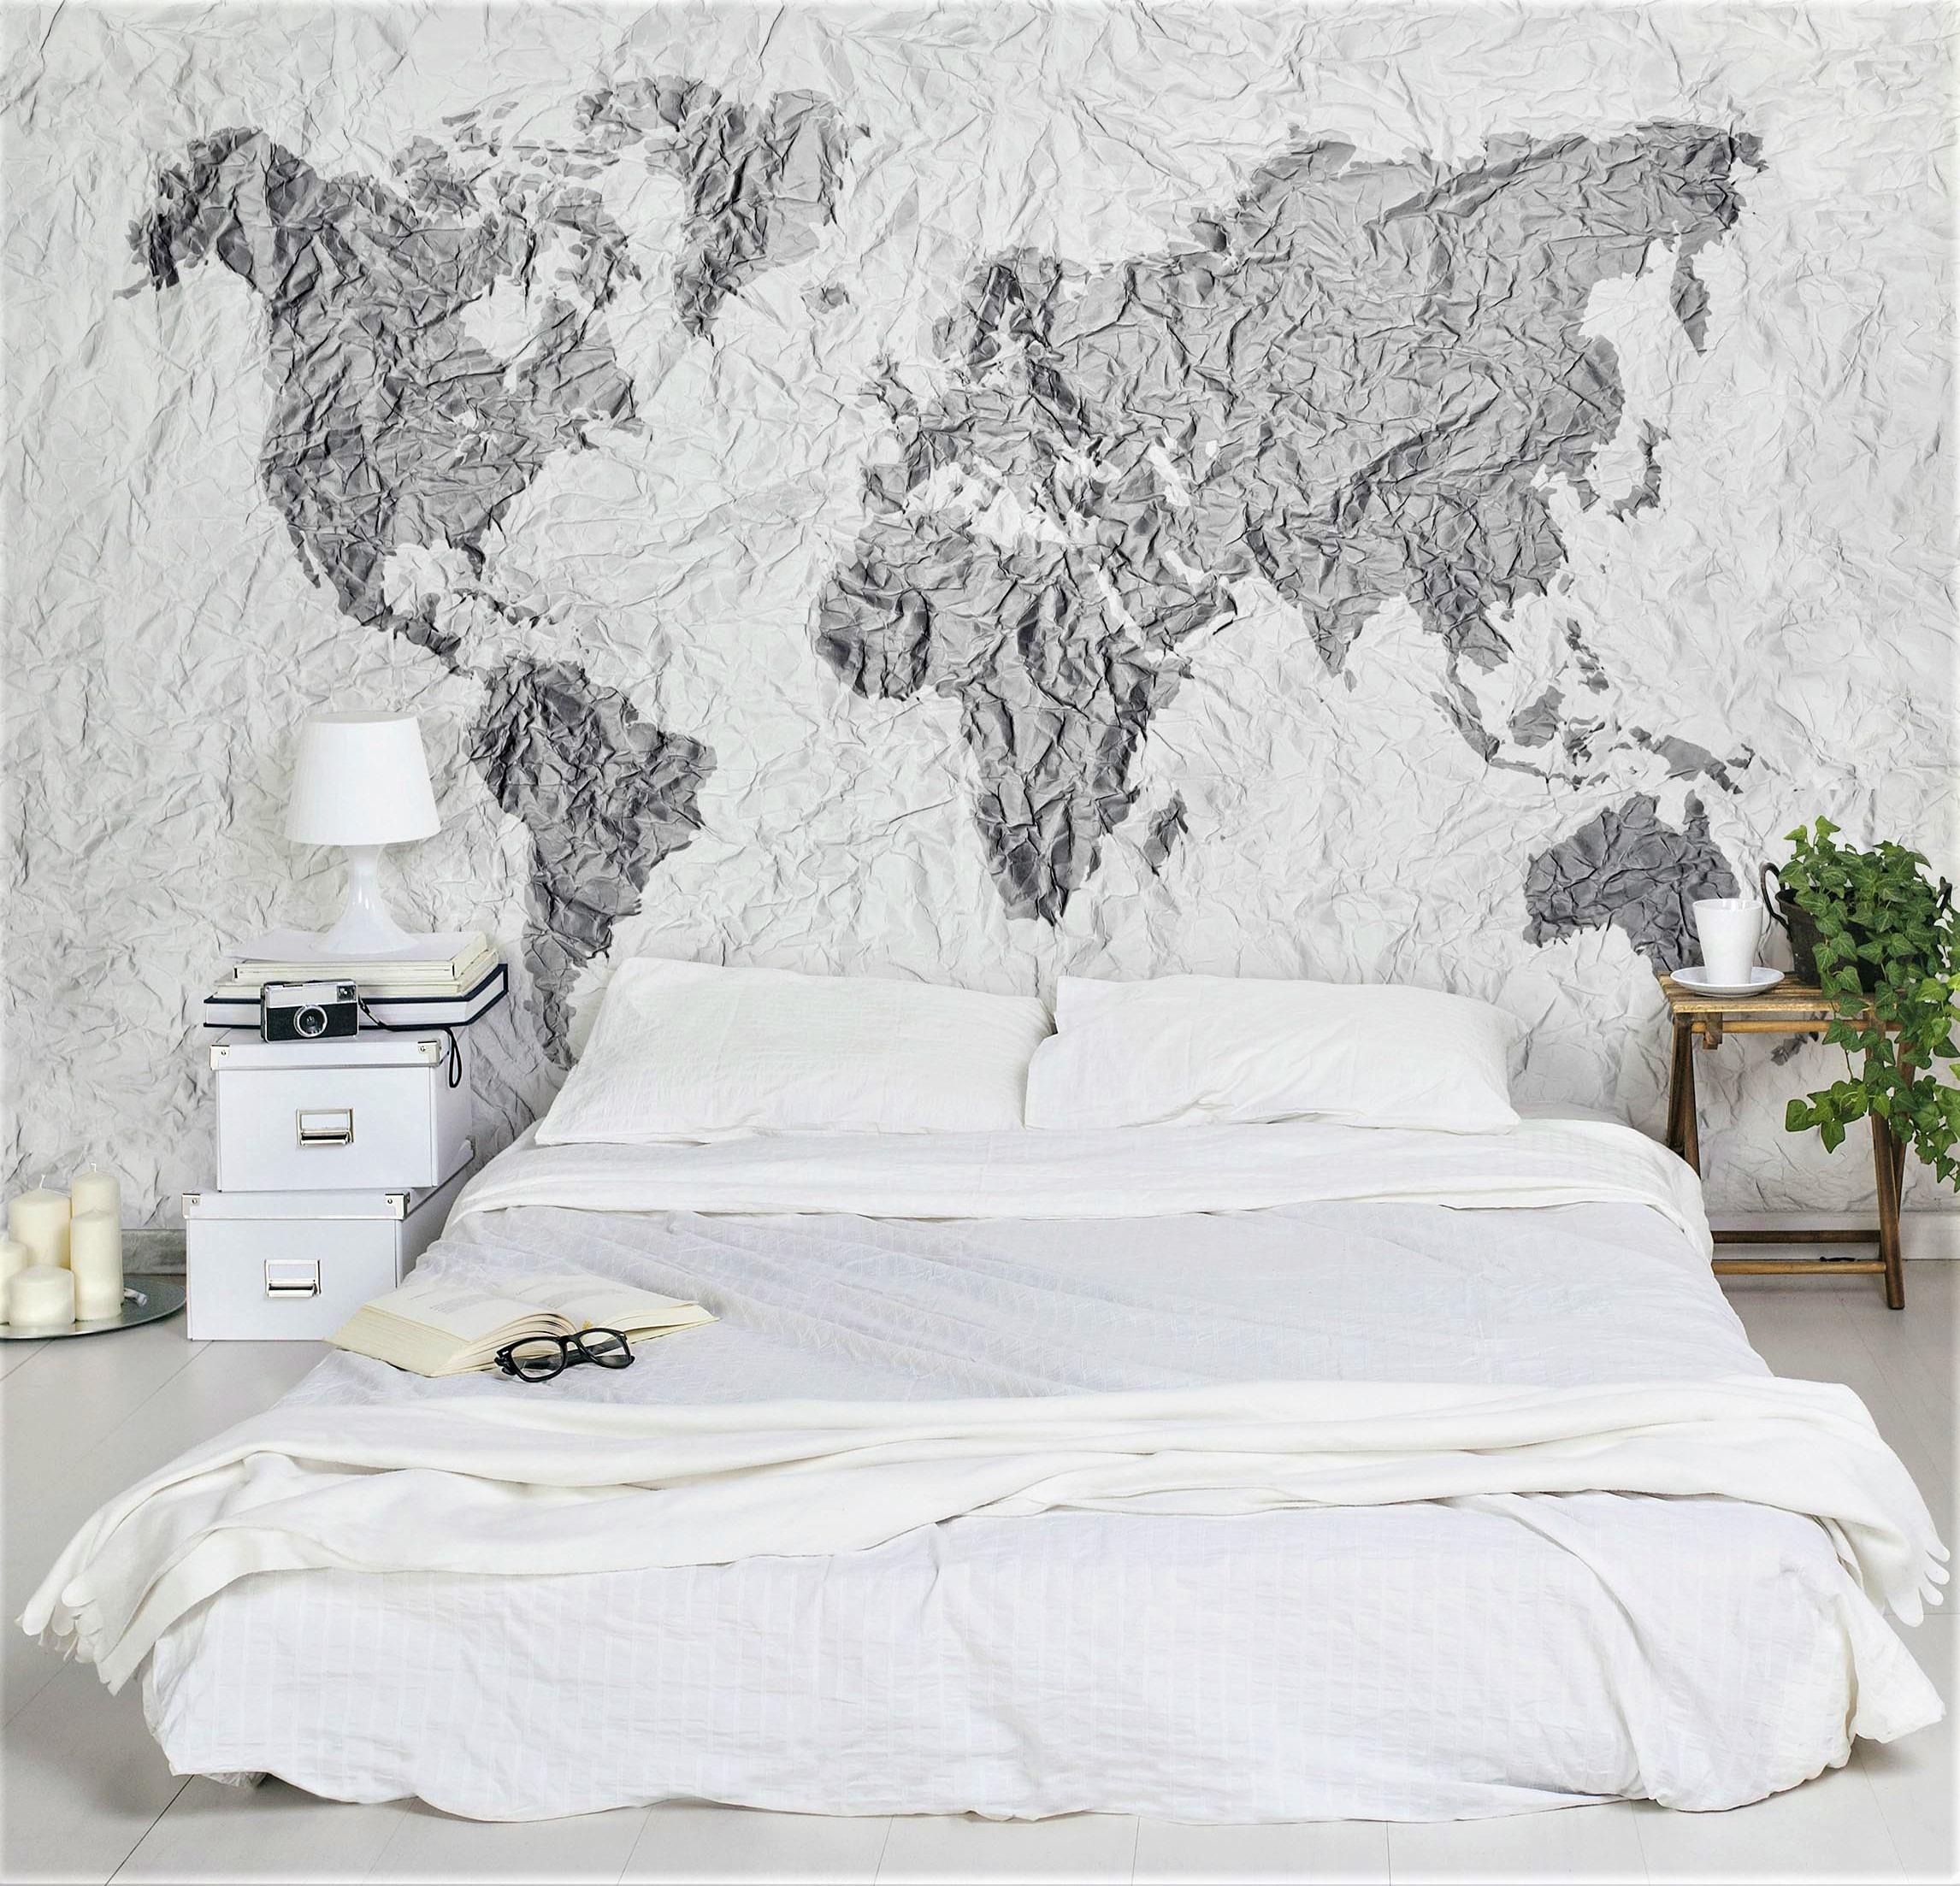 grande letto bianco con carta da parati mappamondo